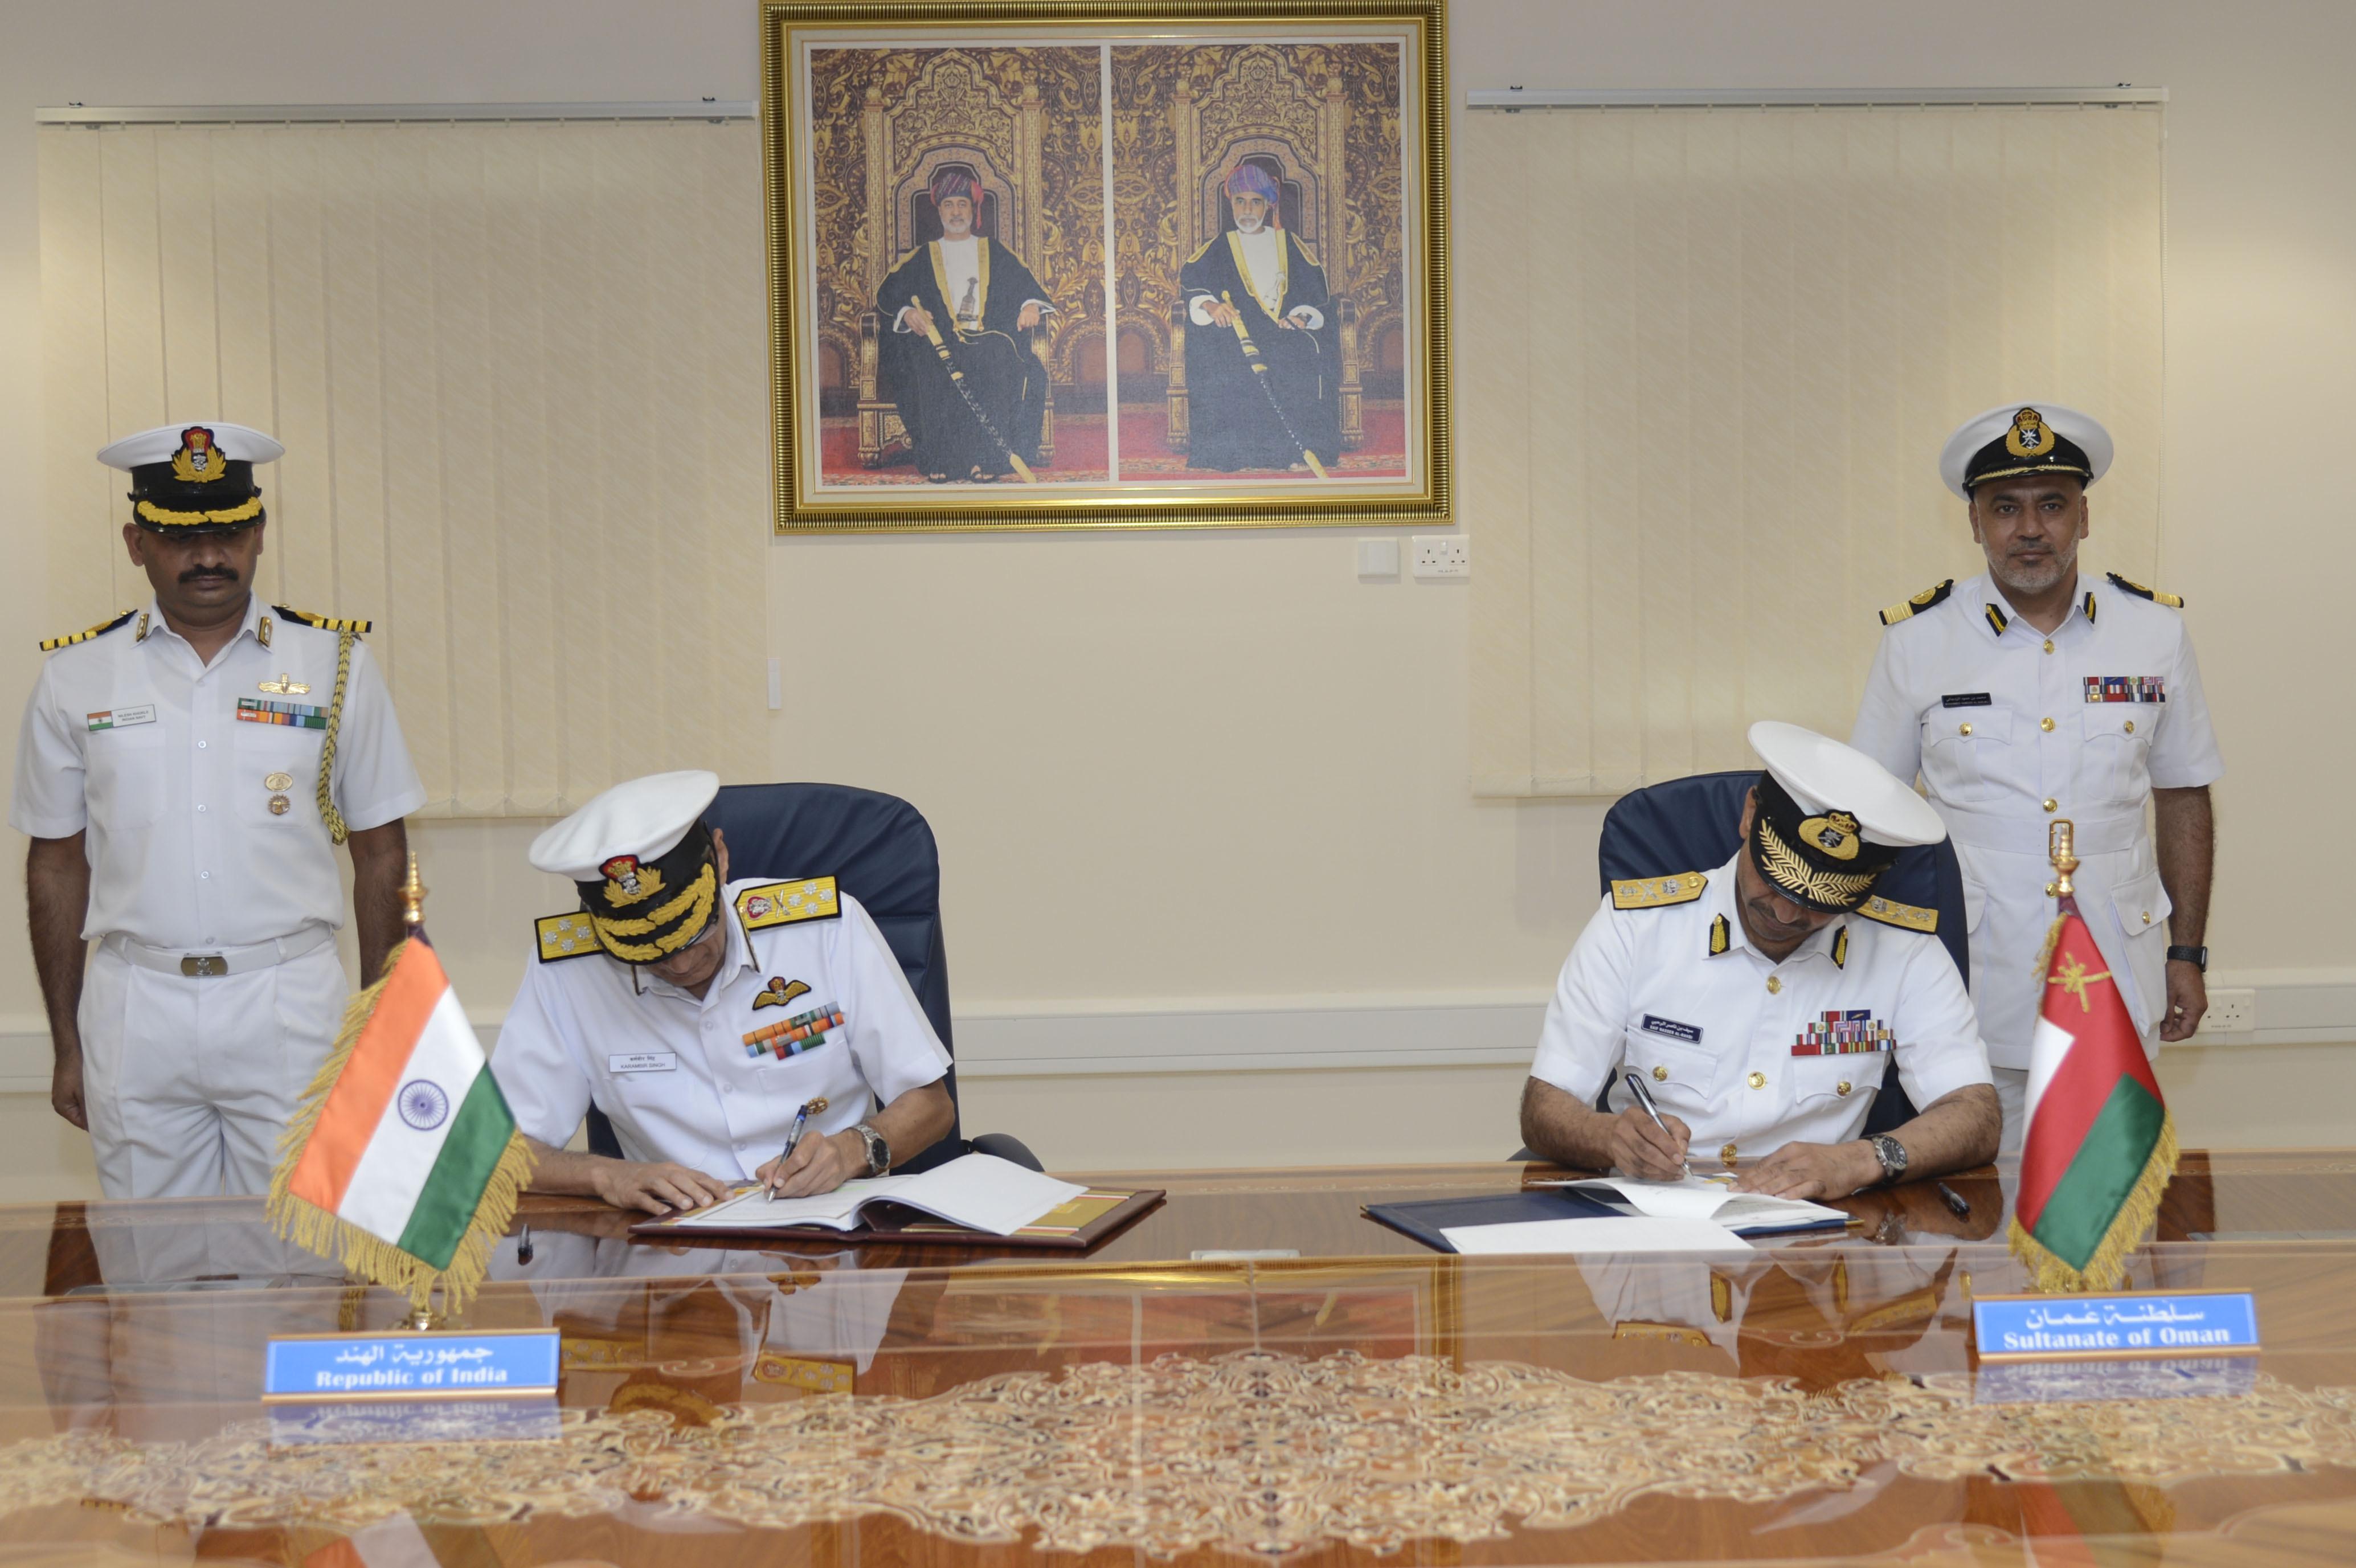 समुद्री सुरक्षा सहयोग बढ़ाने के लिए भारत, ओमान ने समझौते पर हस्ताक्षर किए